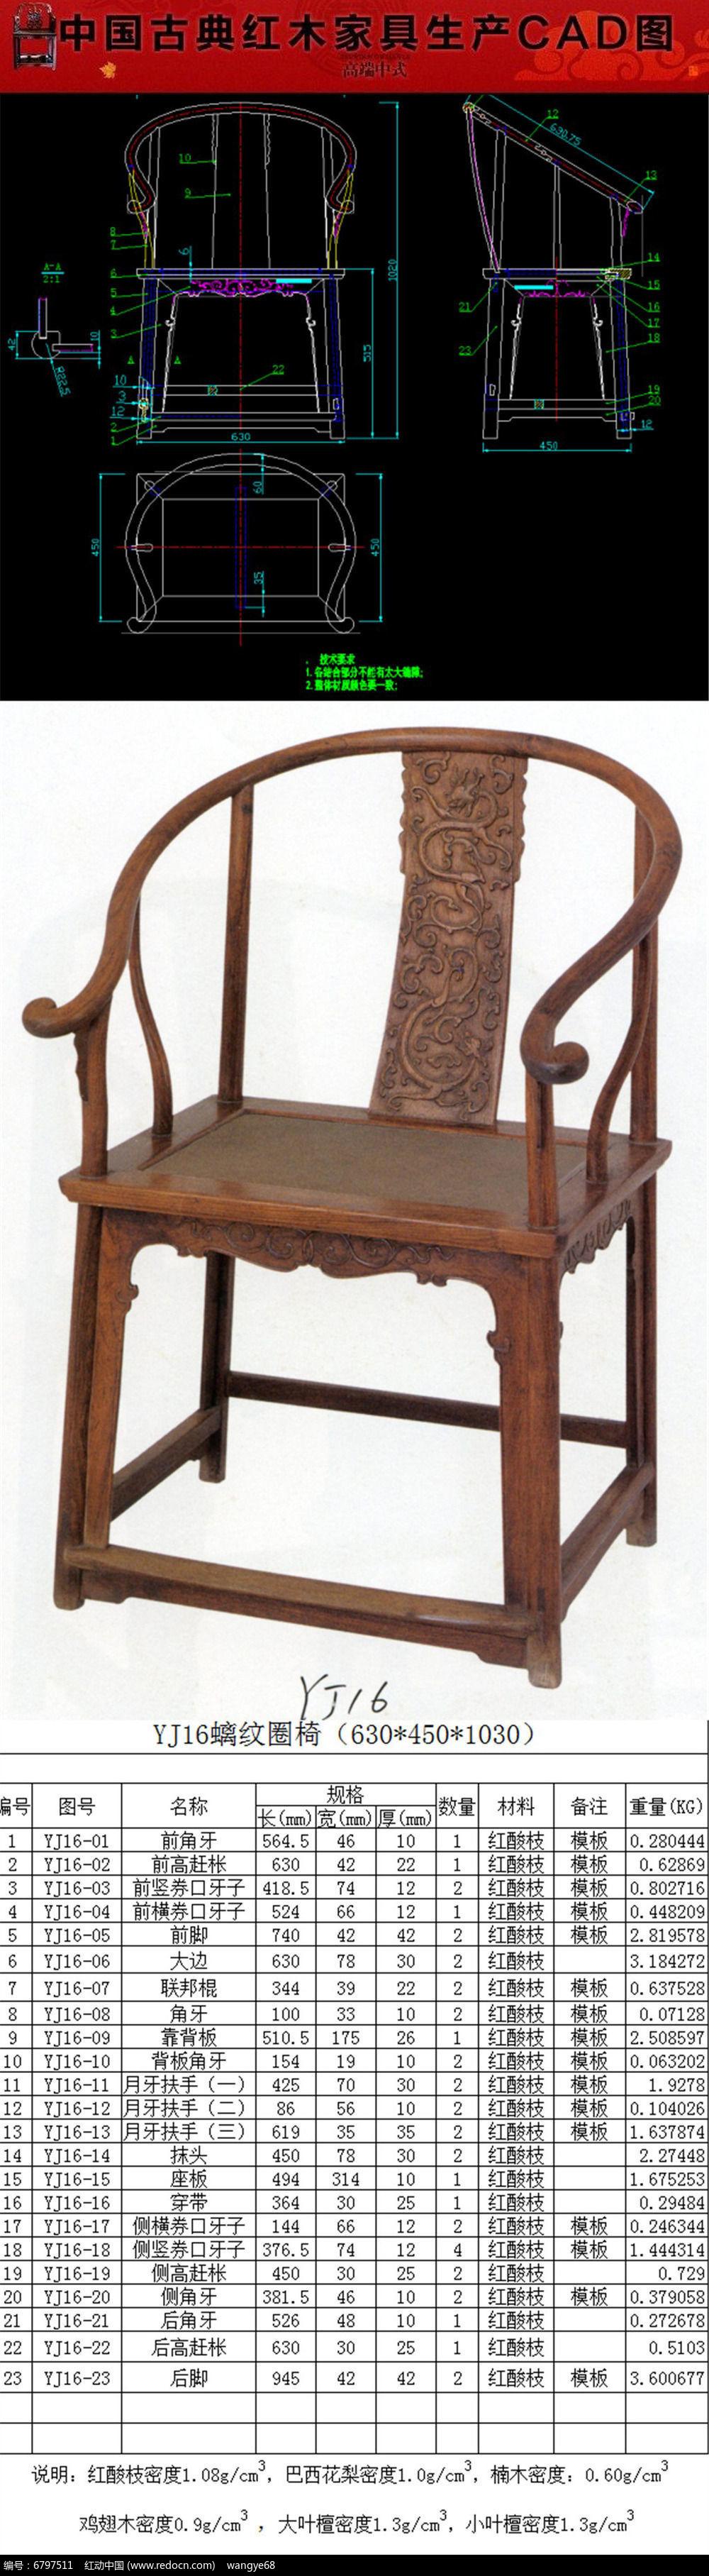 红木家具螭纹圈椅cad图纸和生产下料单